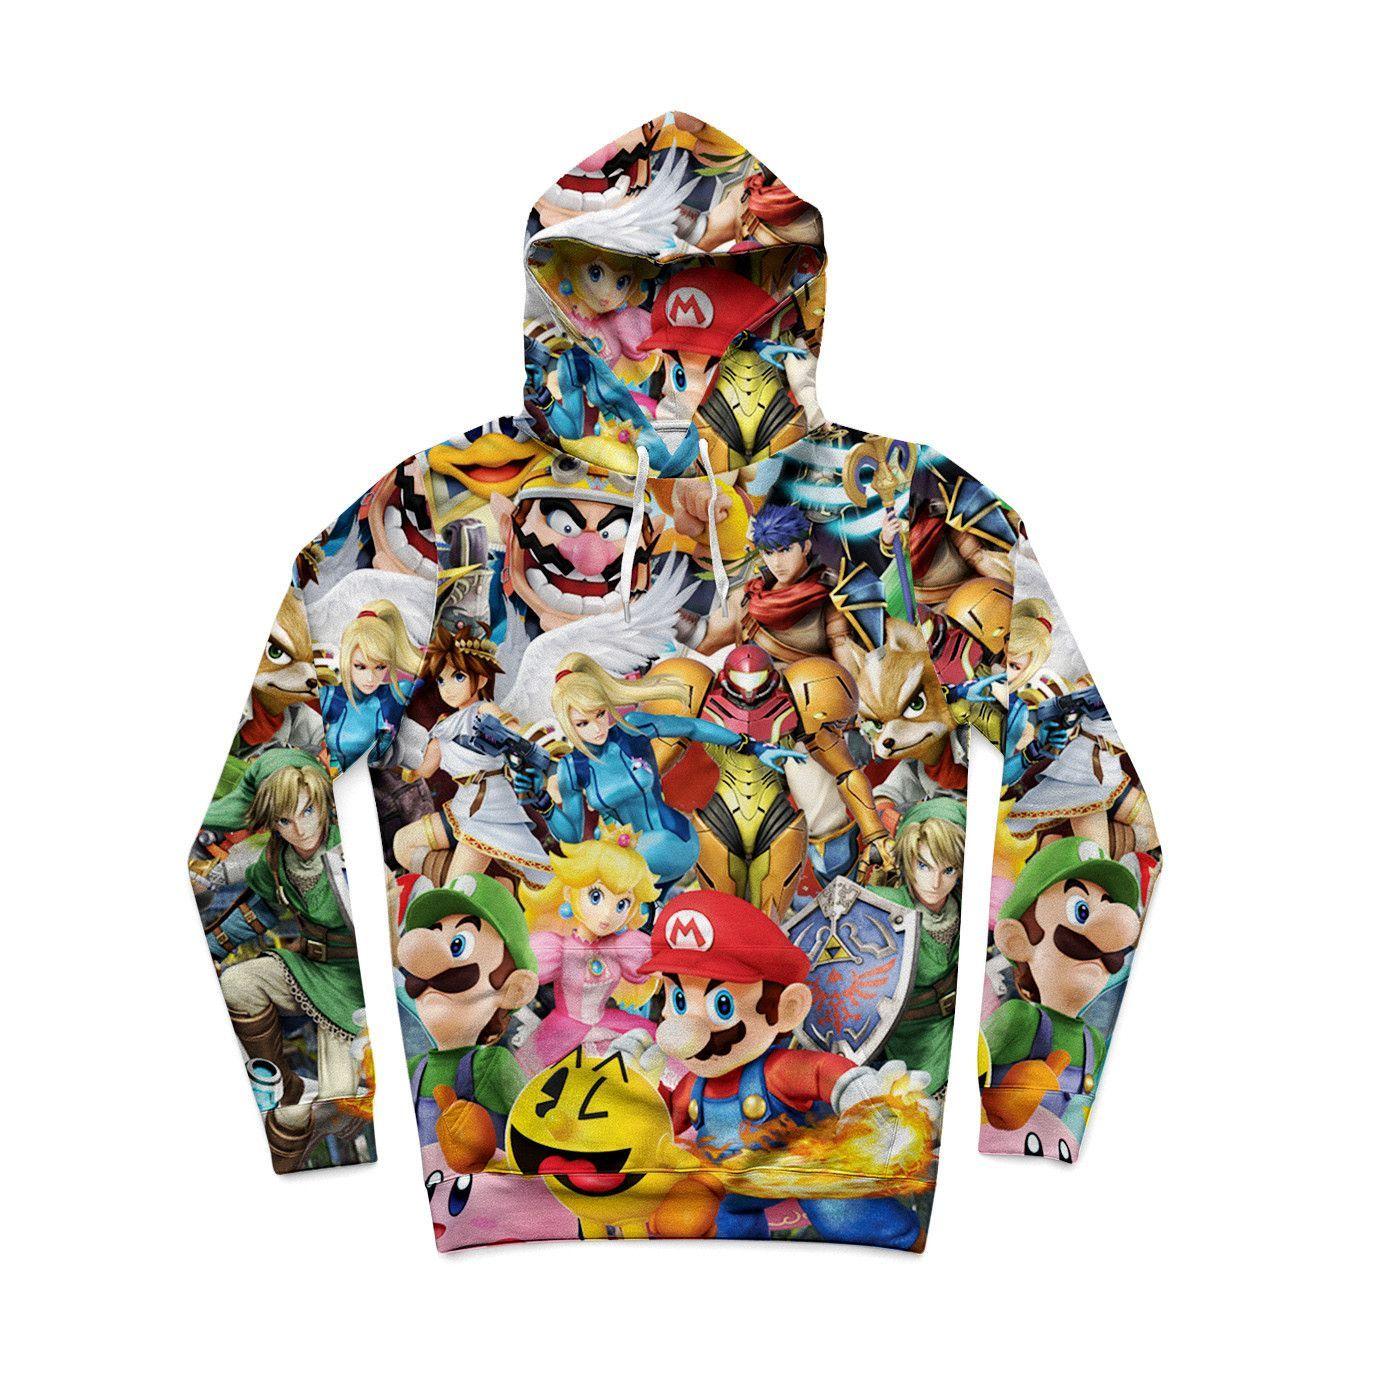 Super Smash Bros Brawl Hoodie